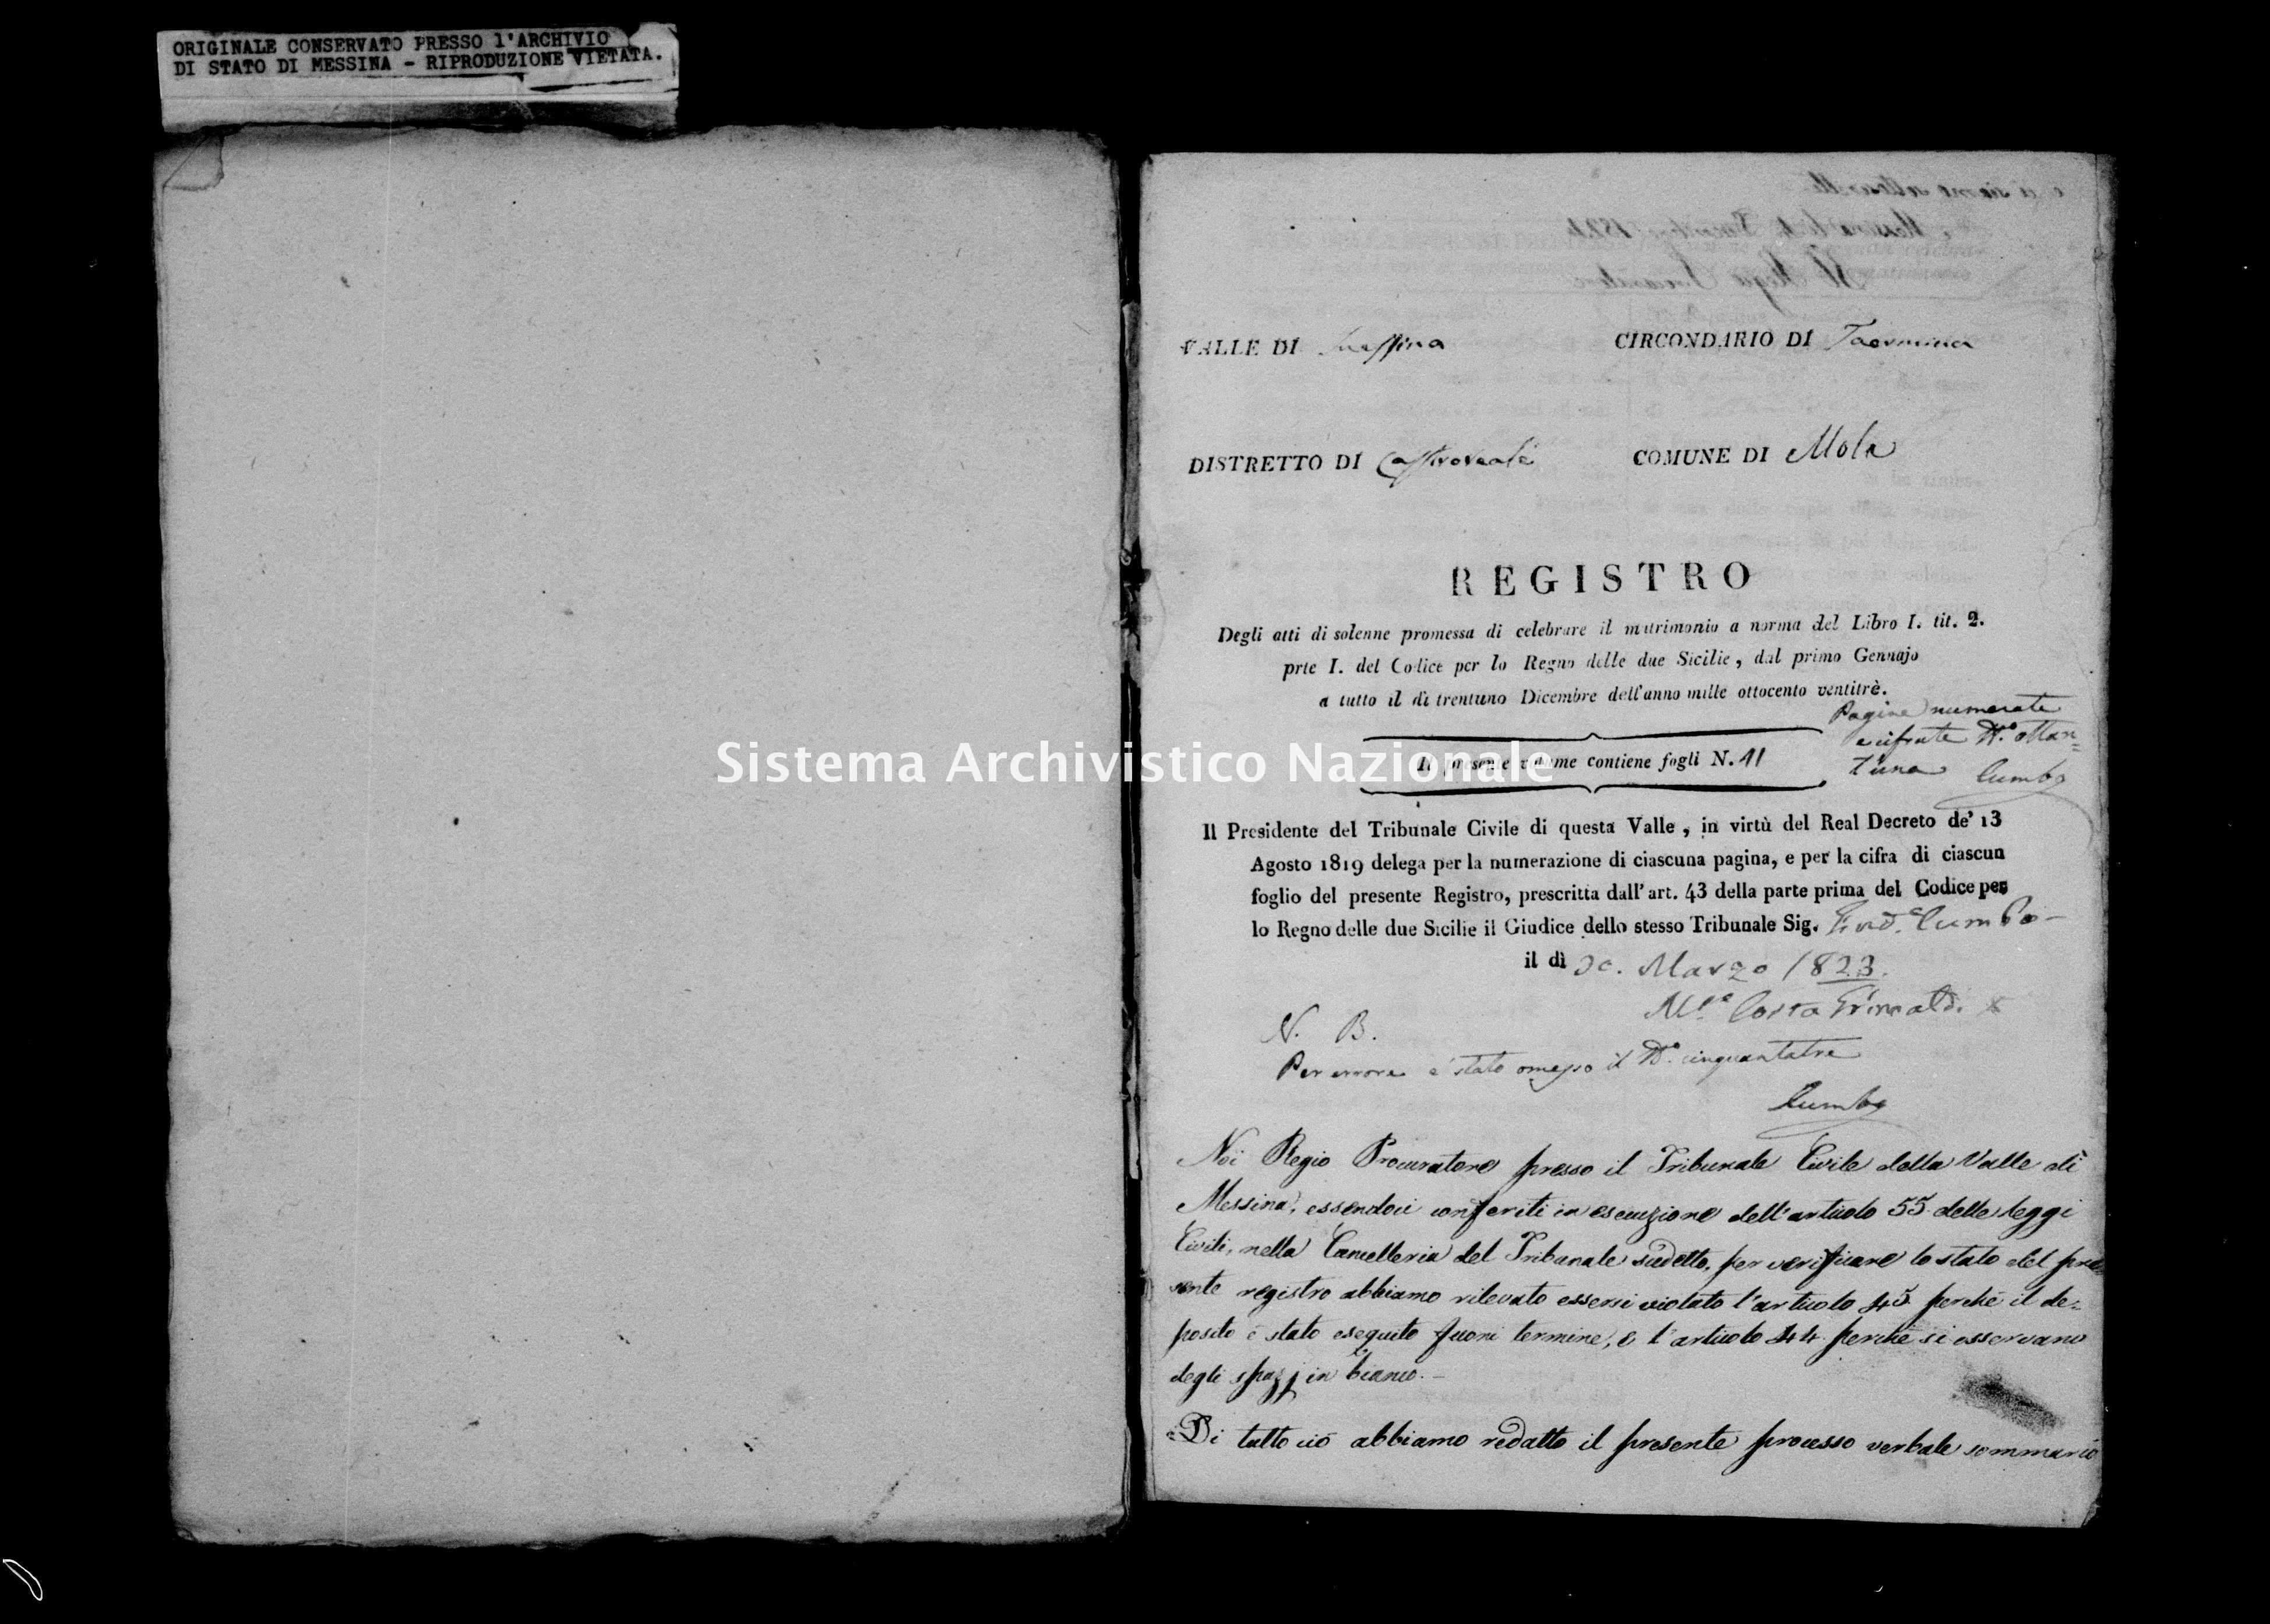 Archivio di stato di Messina - Stato civile della restaurazione - Mola - Matrimoni - 10/09/1823-13/11/1823 - 840 -